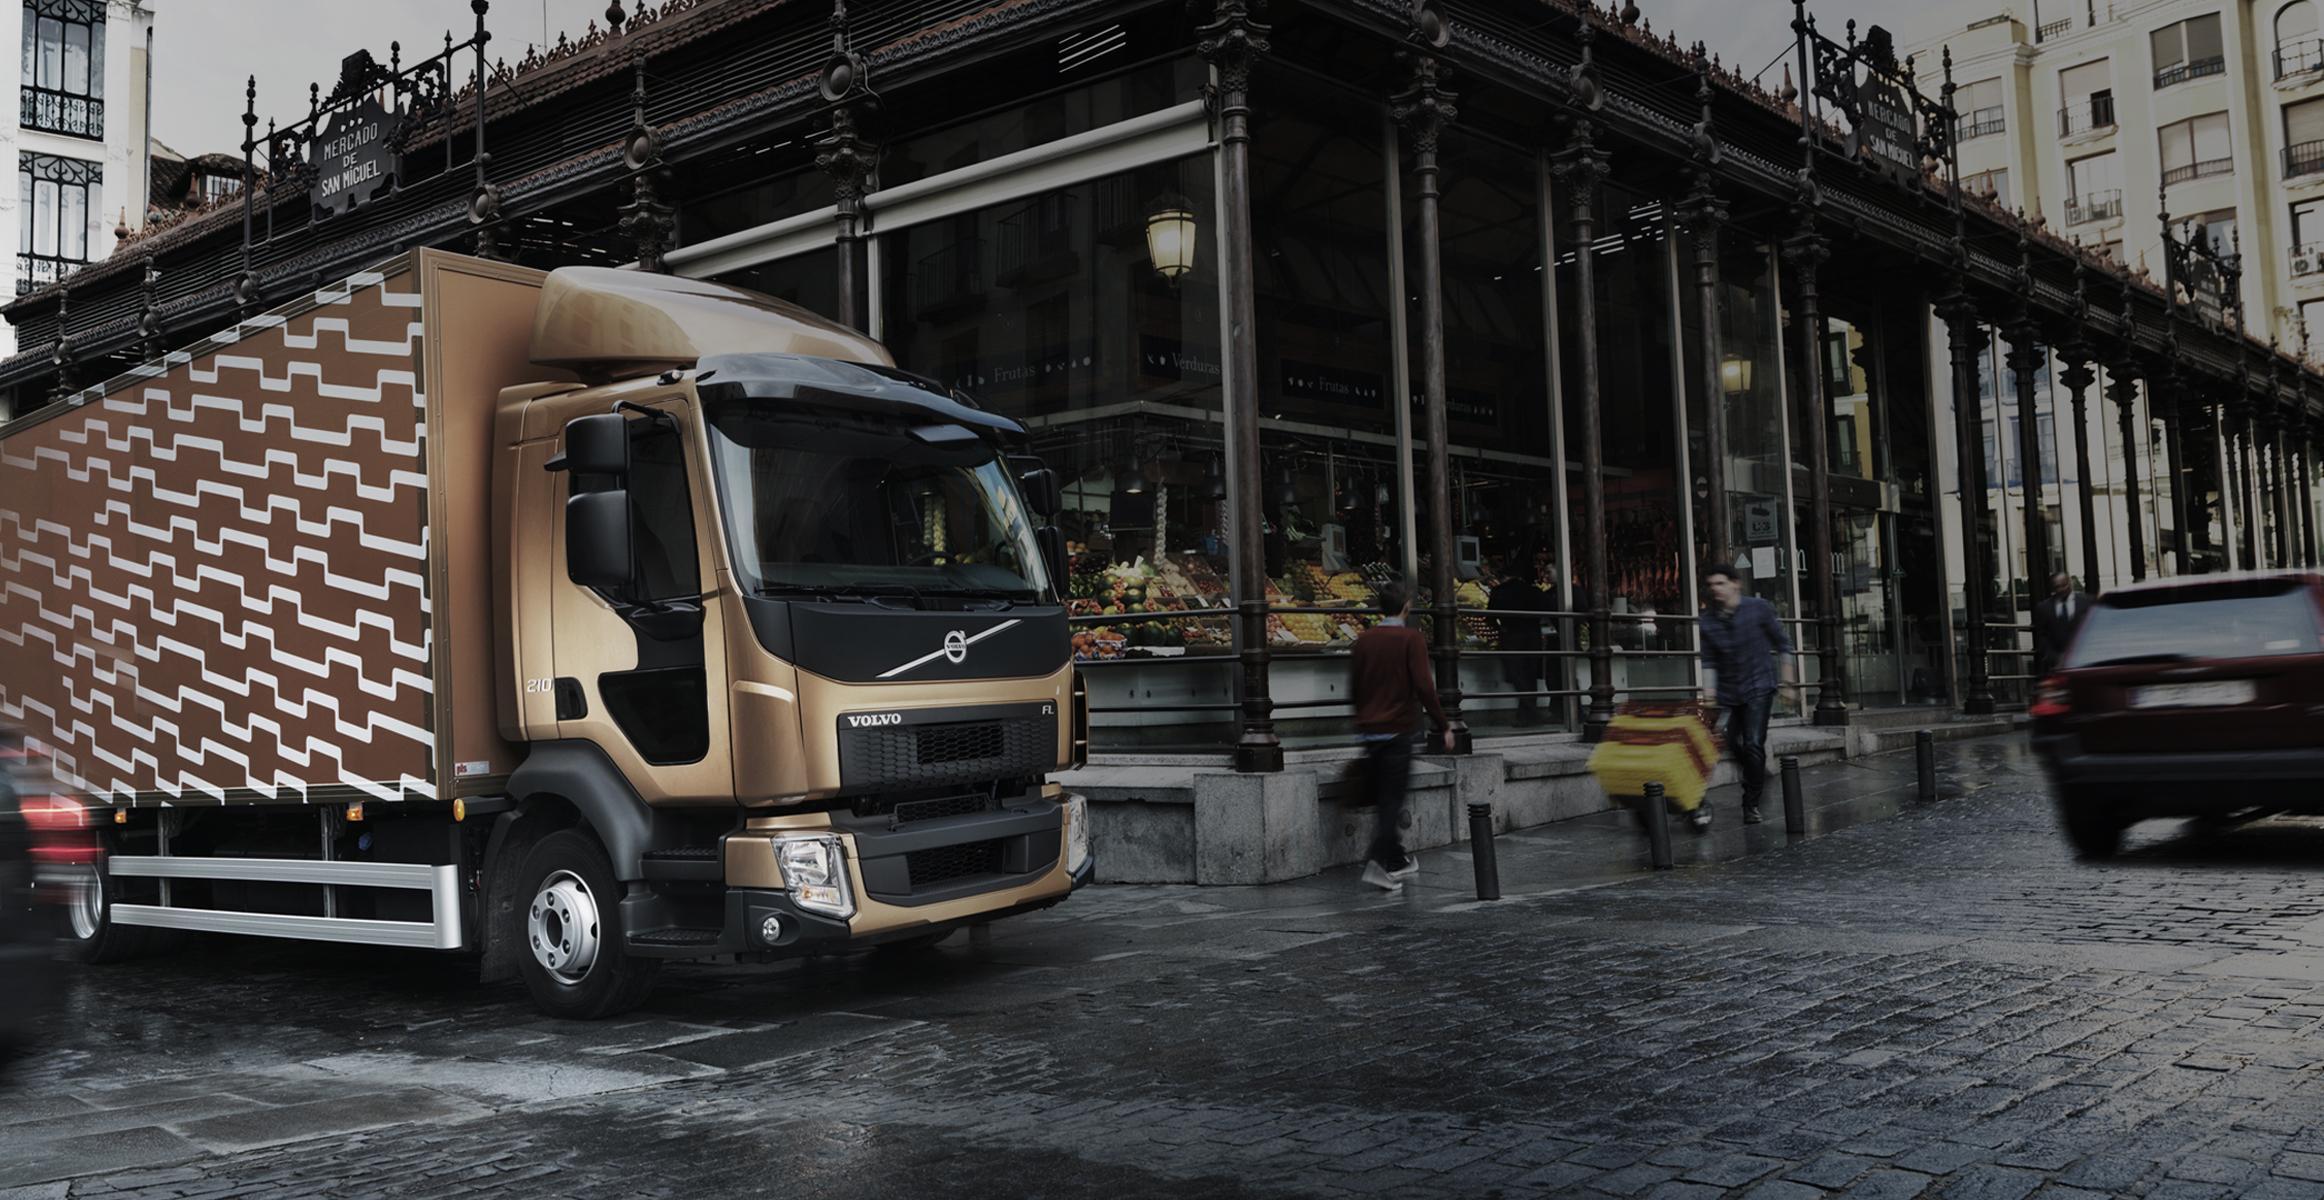 Компания Вольво Trucks представила свой 1-ый навсе 100% электрический грузовой автомобиль